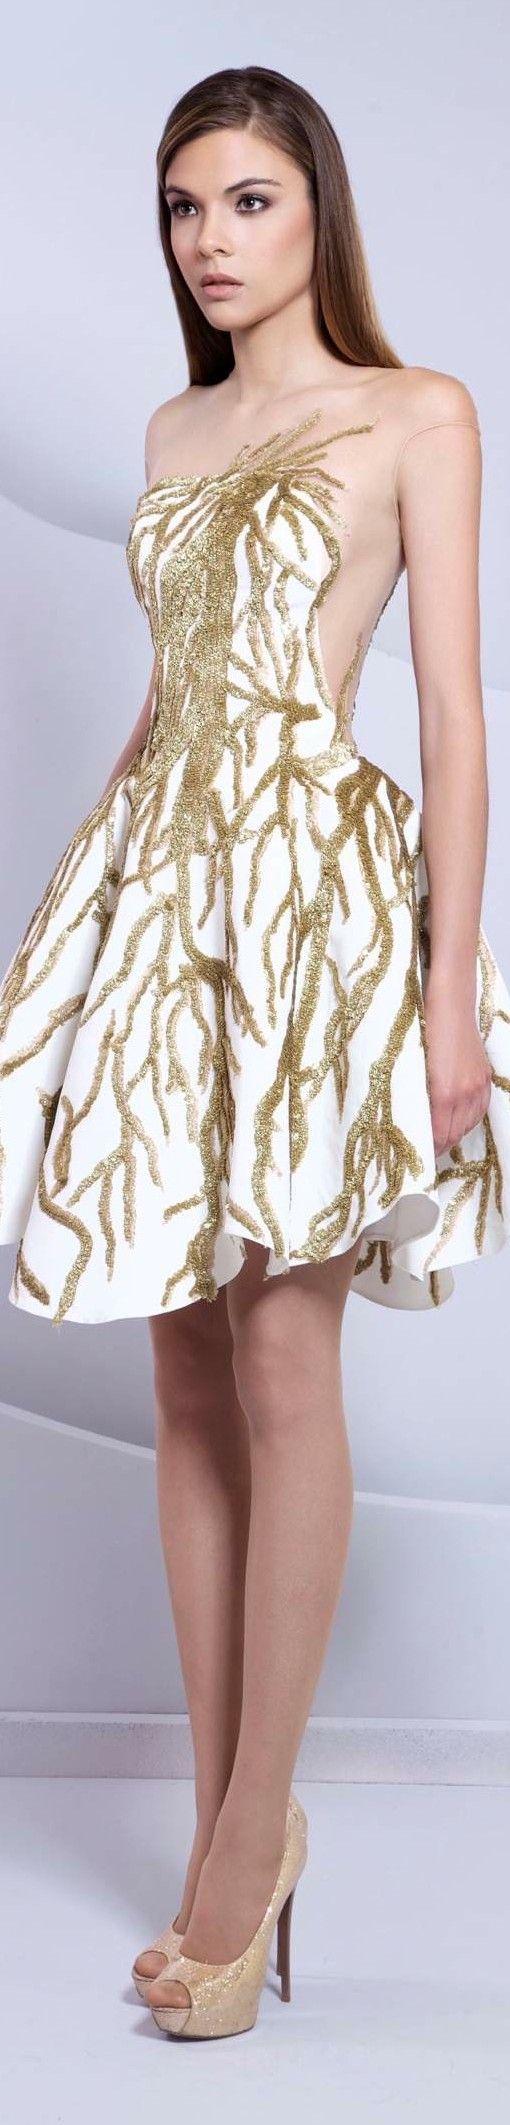 vestidos-dourados-curtos-para-festas